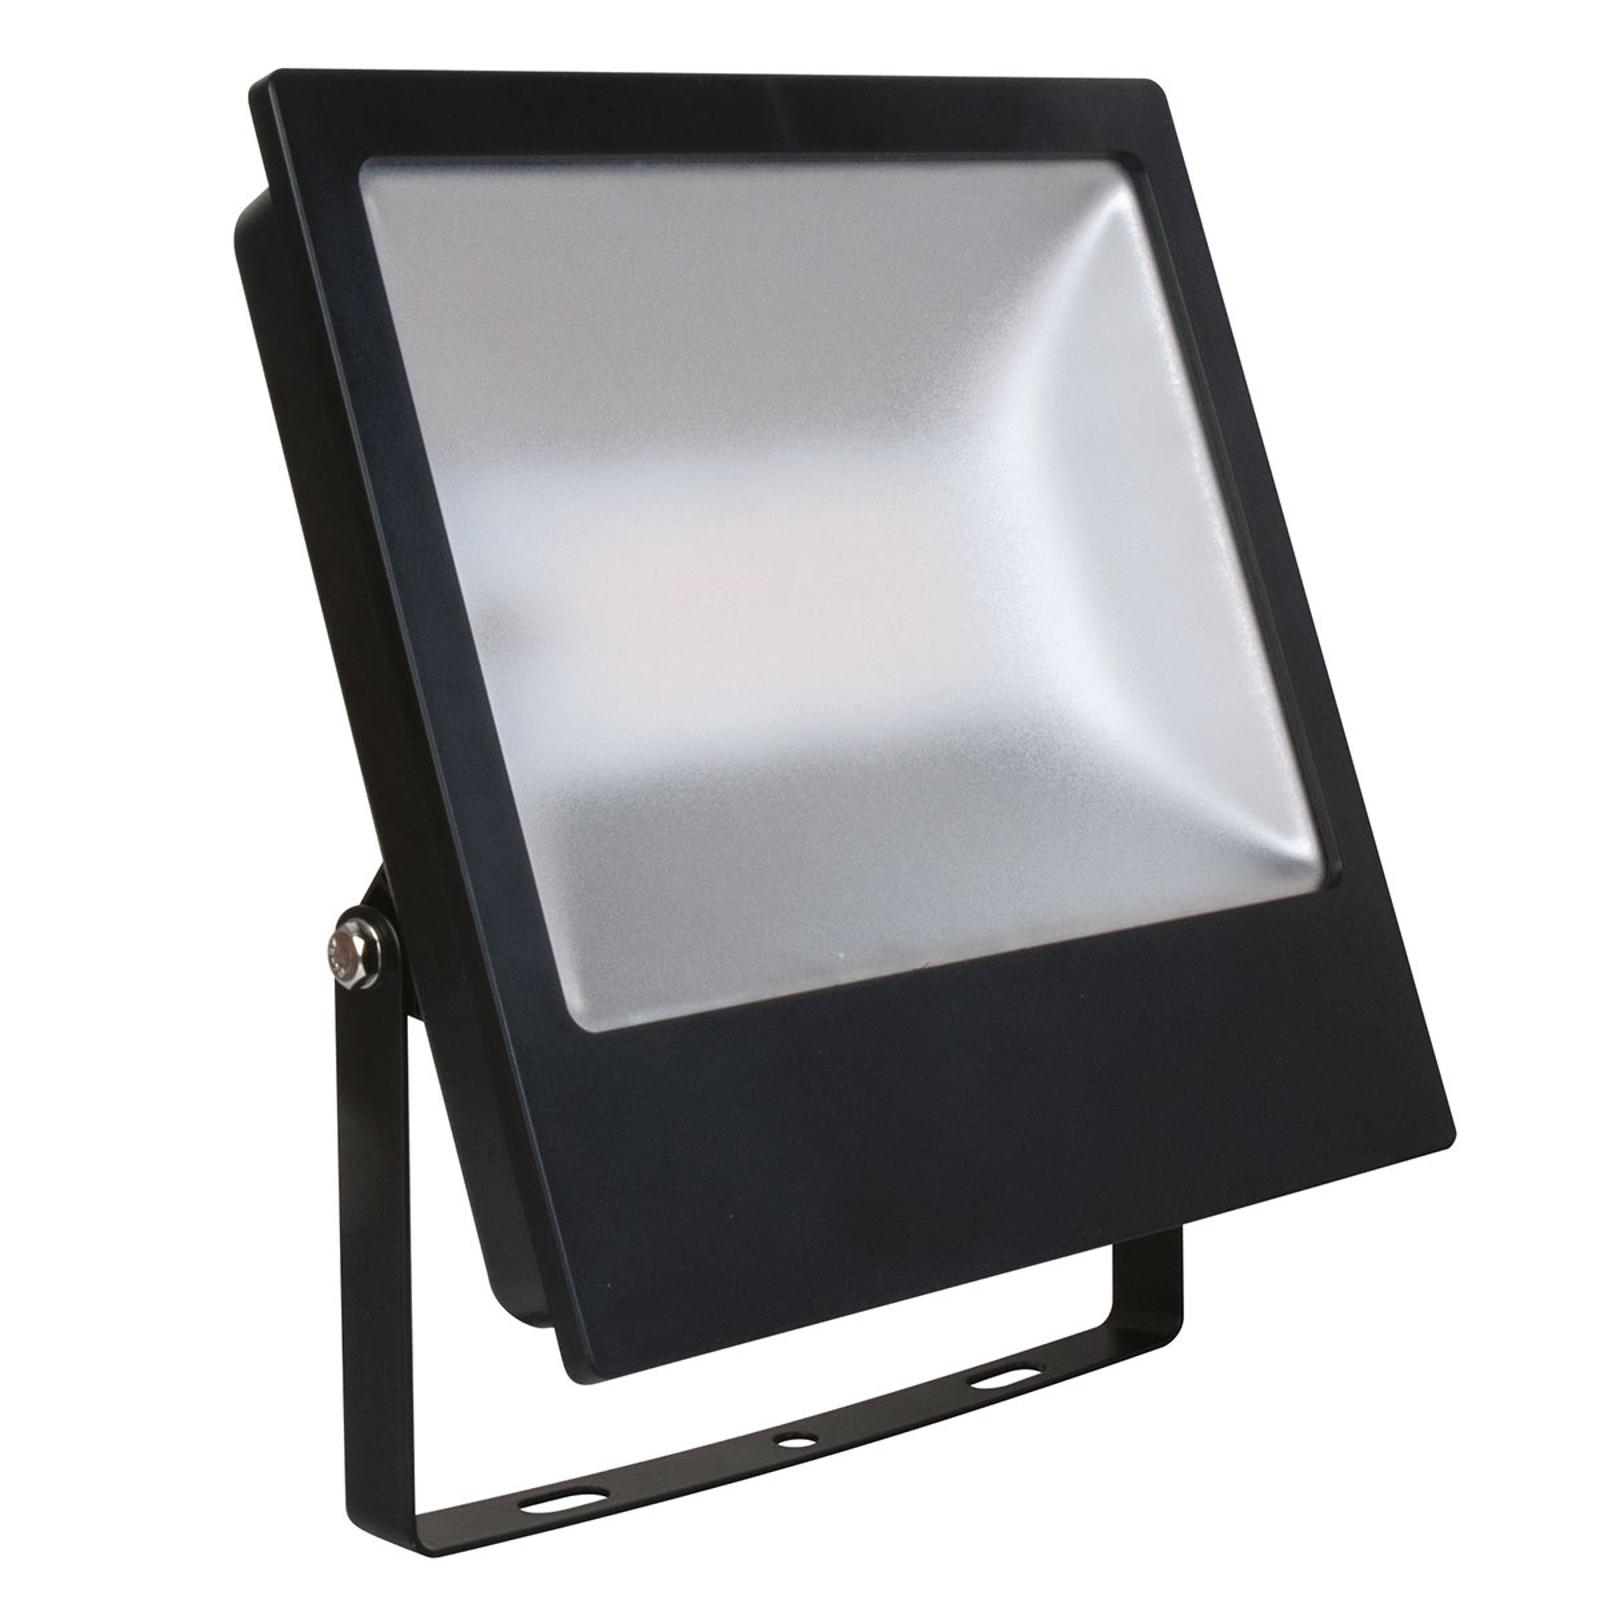 Reflektor zewnętrzny LED Tott, 45W, IP65